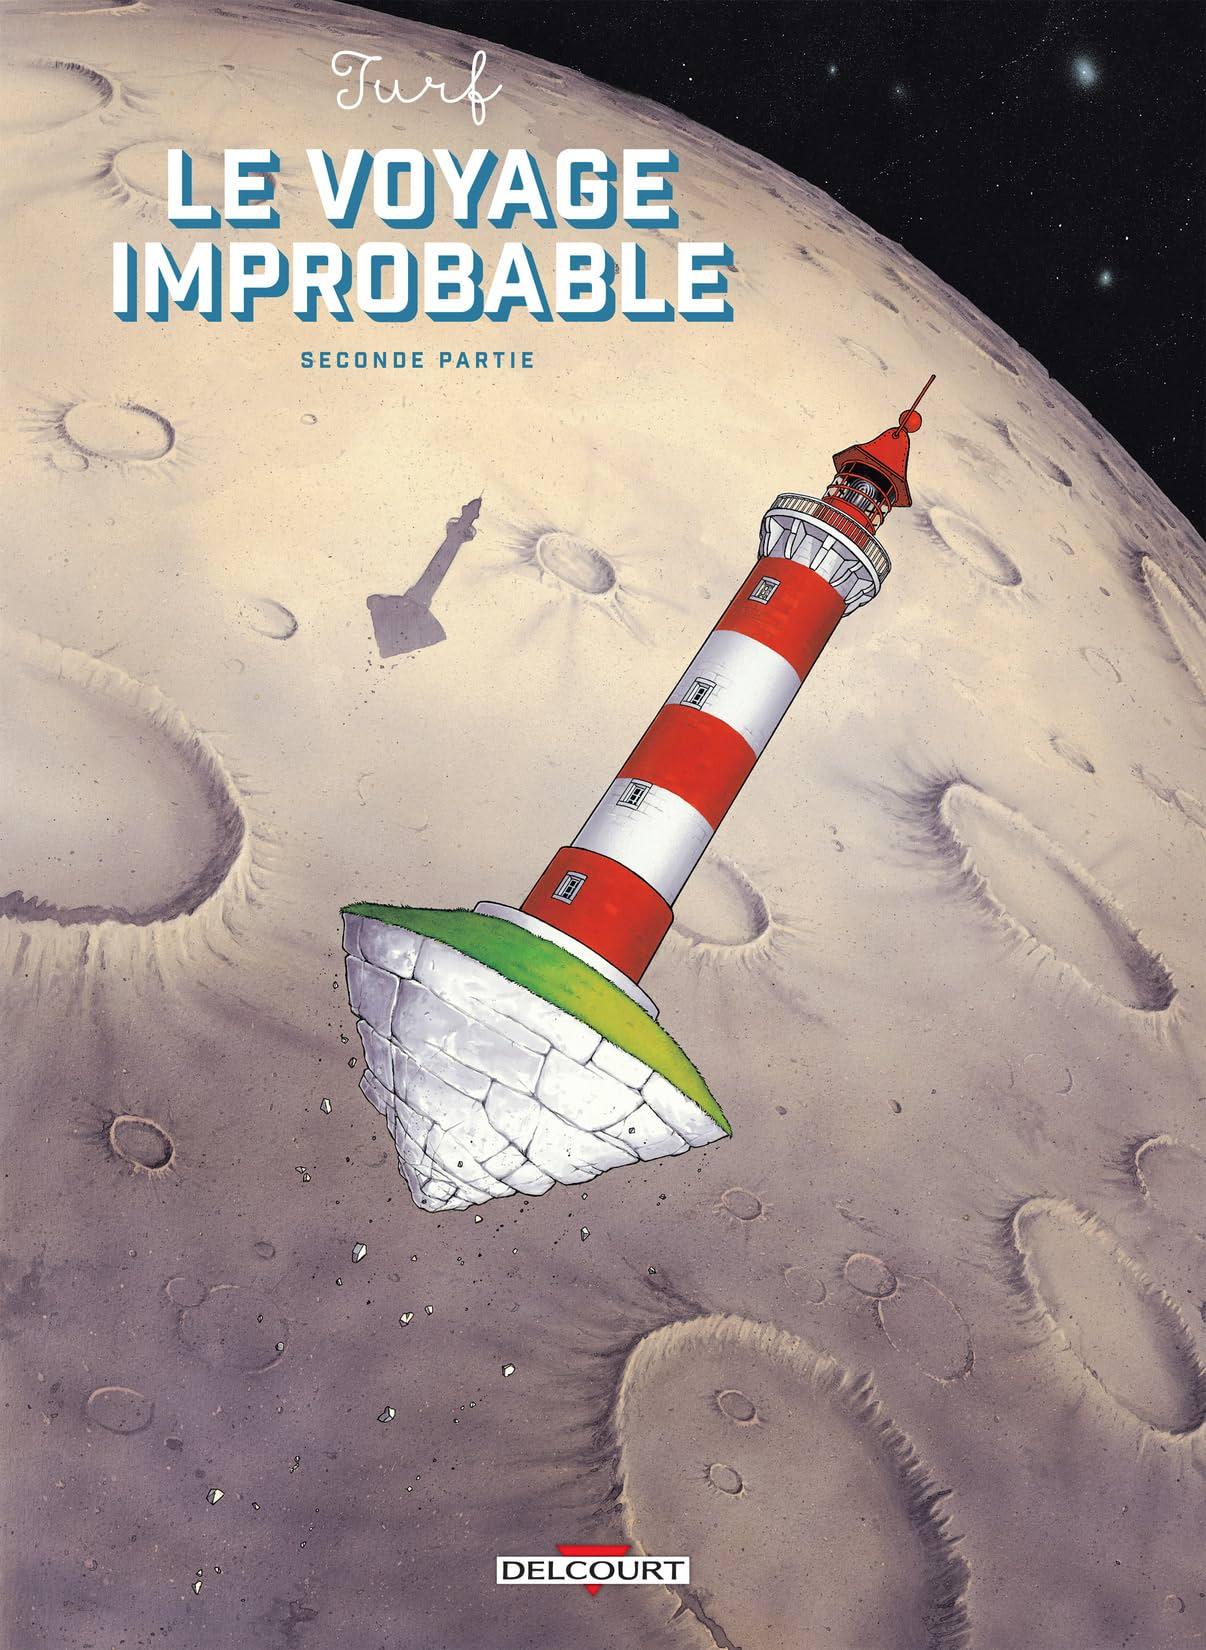 Le Voyage improbable - Seconde partie Vol. 2